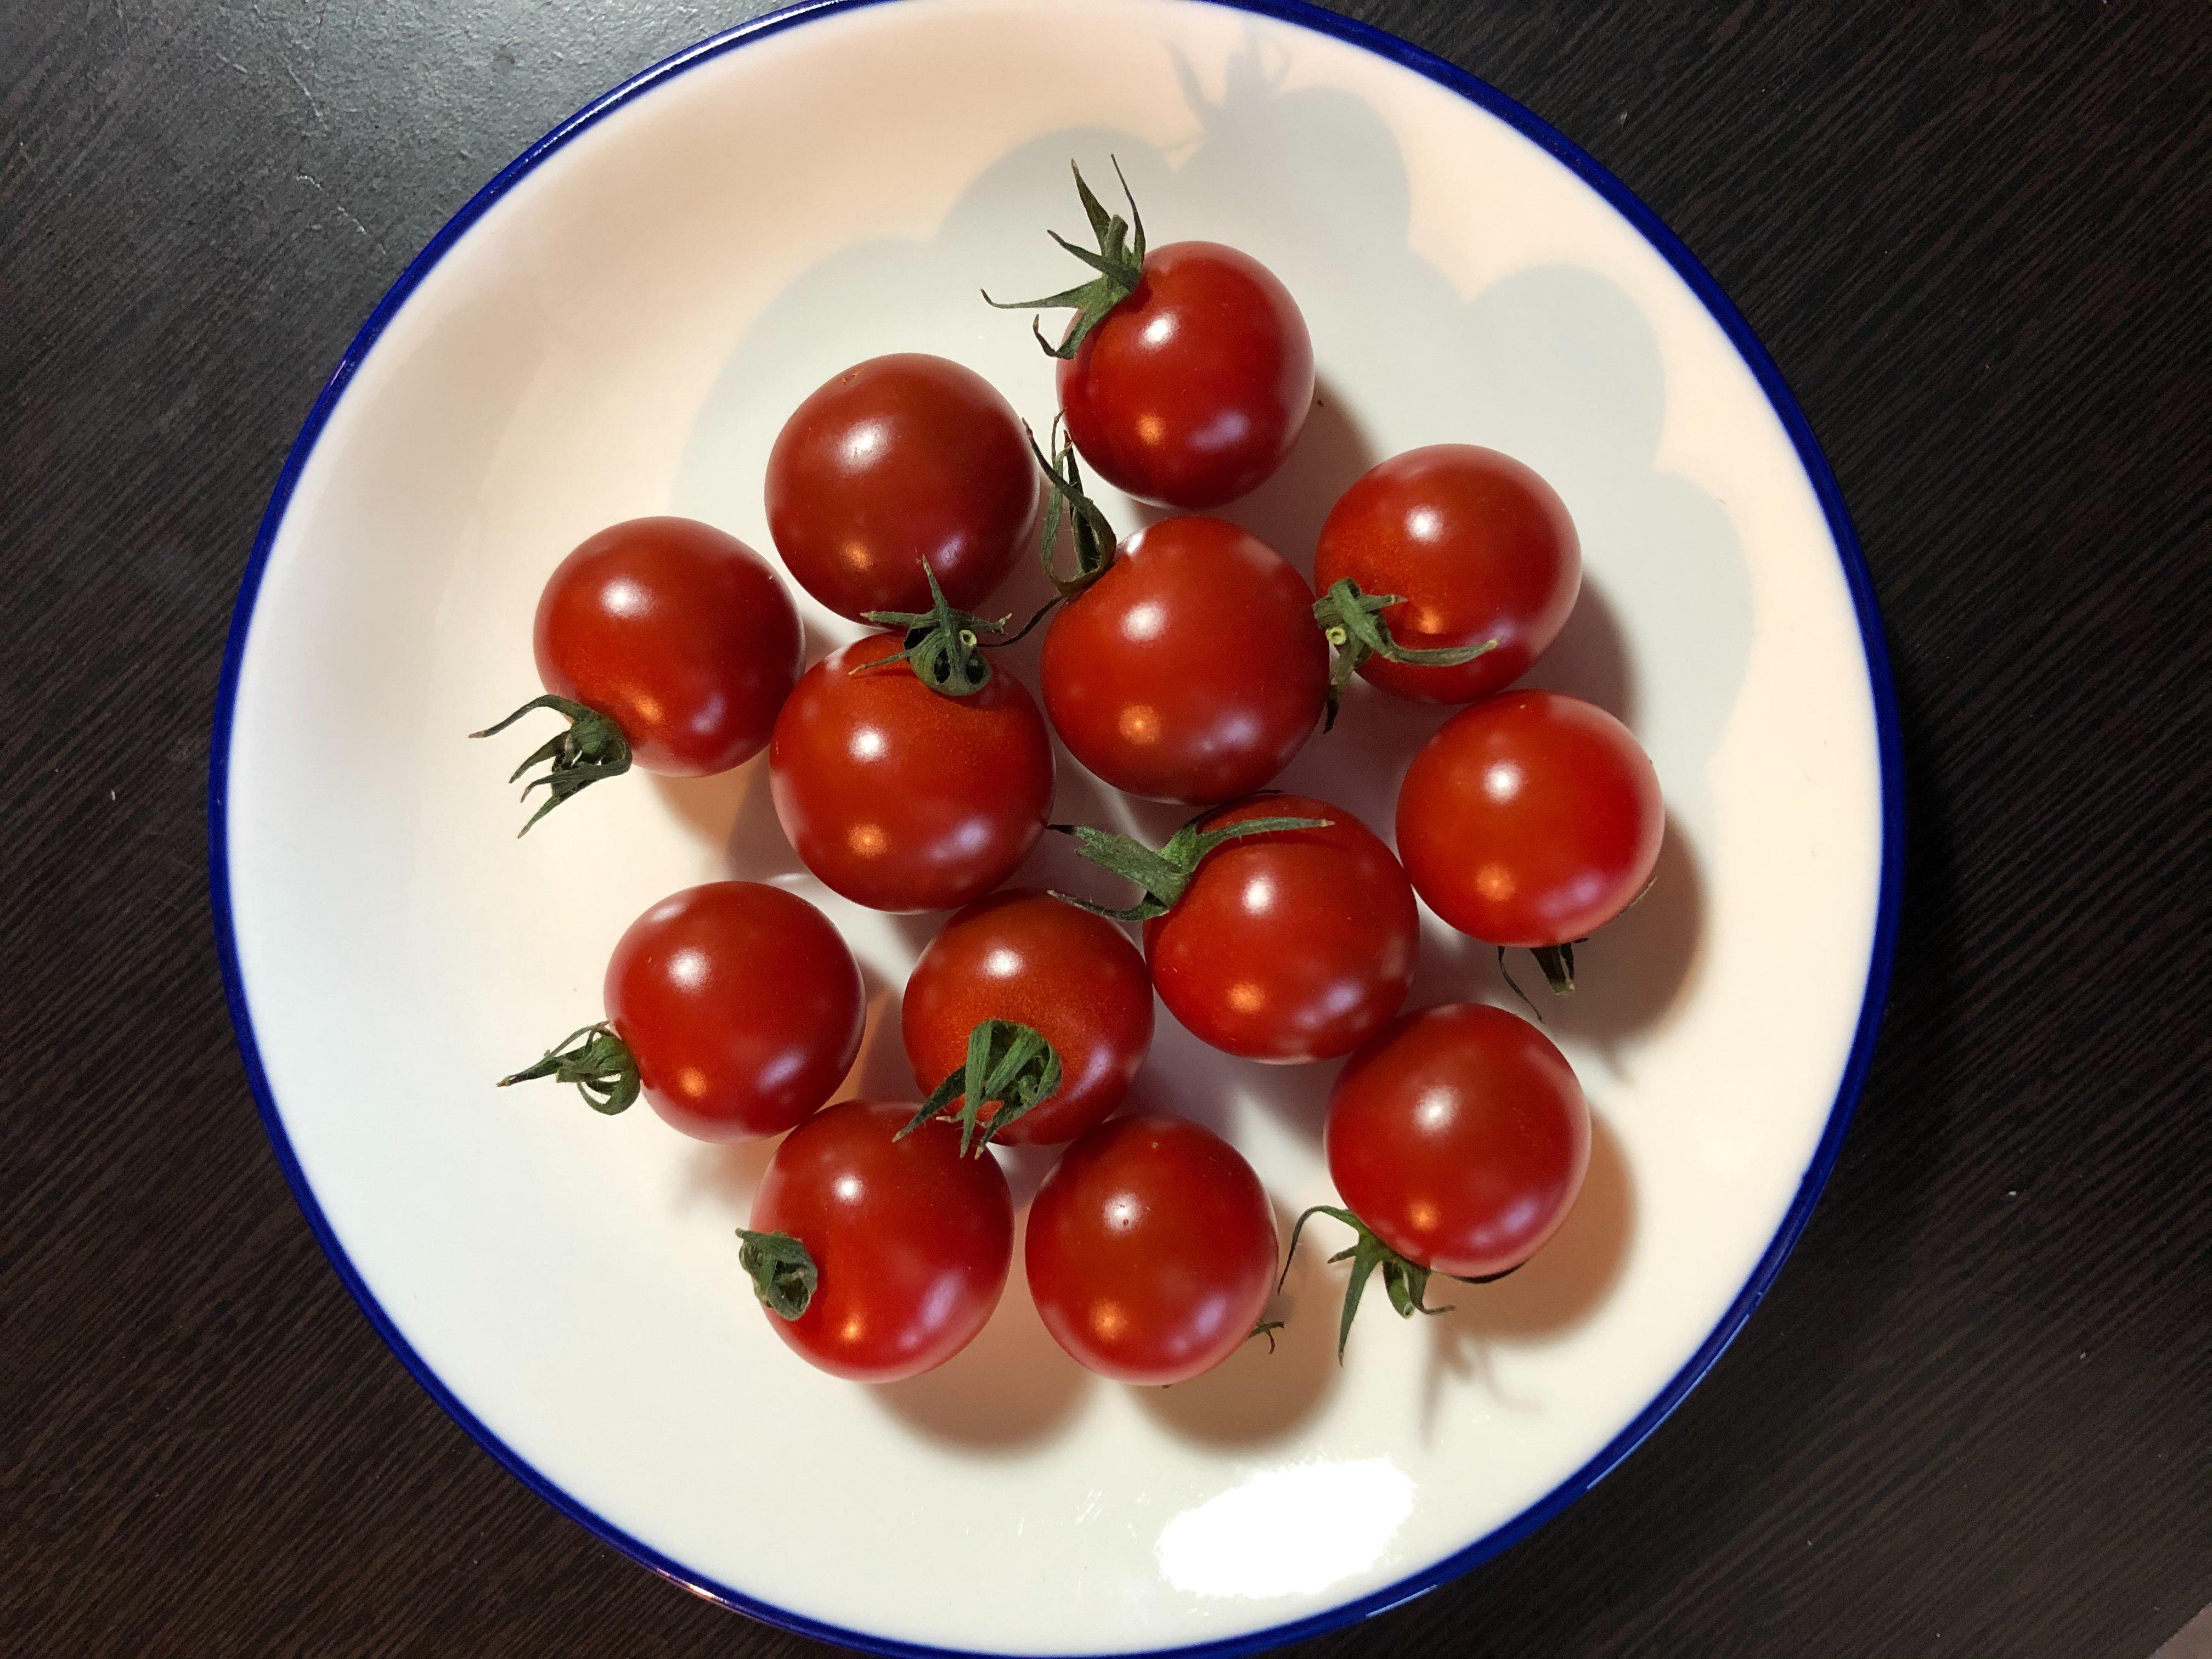 [現地受け渡し/デリバリー専用】有機肥料栽培/ミニトマト(小鈴)/150g/1Pのイメージその2